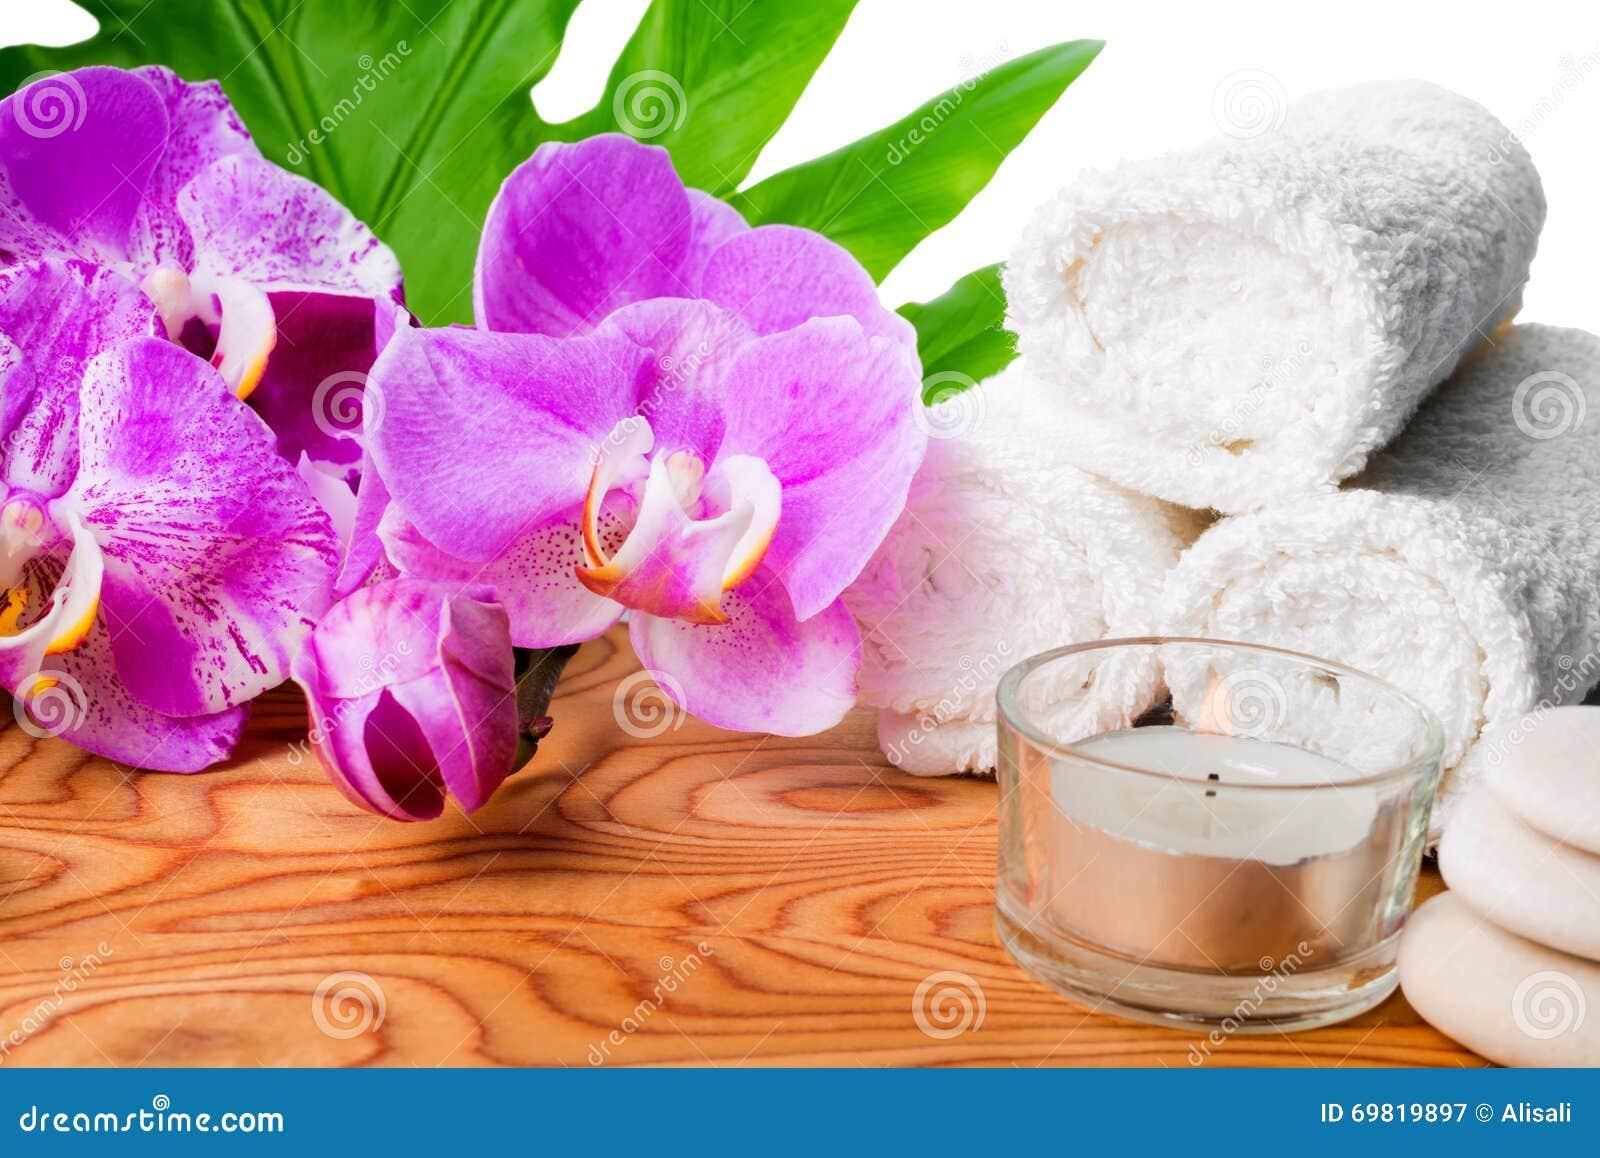 Bella natura morta della stazione termale con l 39 orchidea for Orchidea fioritura